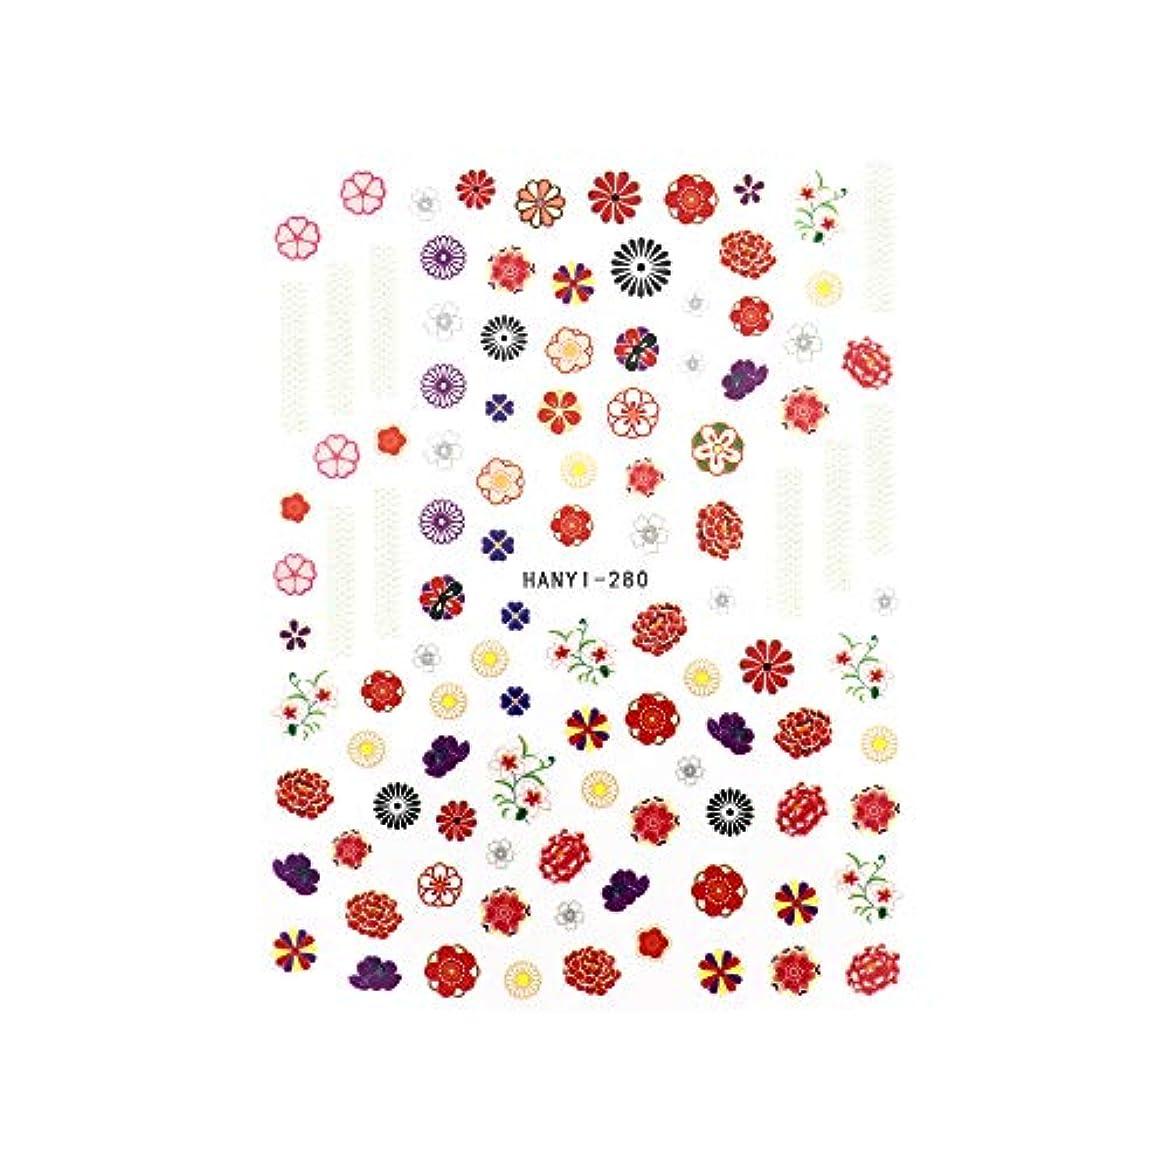 素晴らしい良い多くのインディカ話すネイルシール 古典和花シール【HANYI-280】古典和花シール レッドフラワーネイル 花柄 和柄ネイル 和装ネイル フラワーシール 浴衣 着物 桜 牡丹